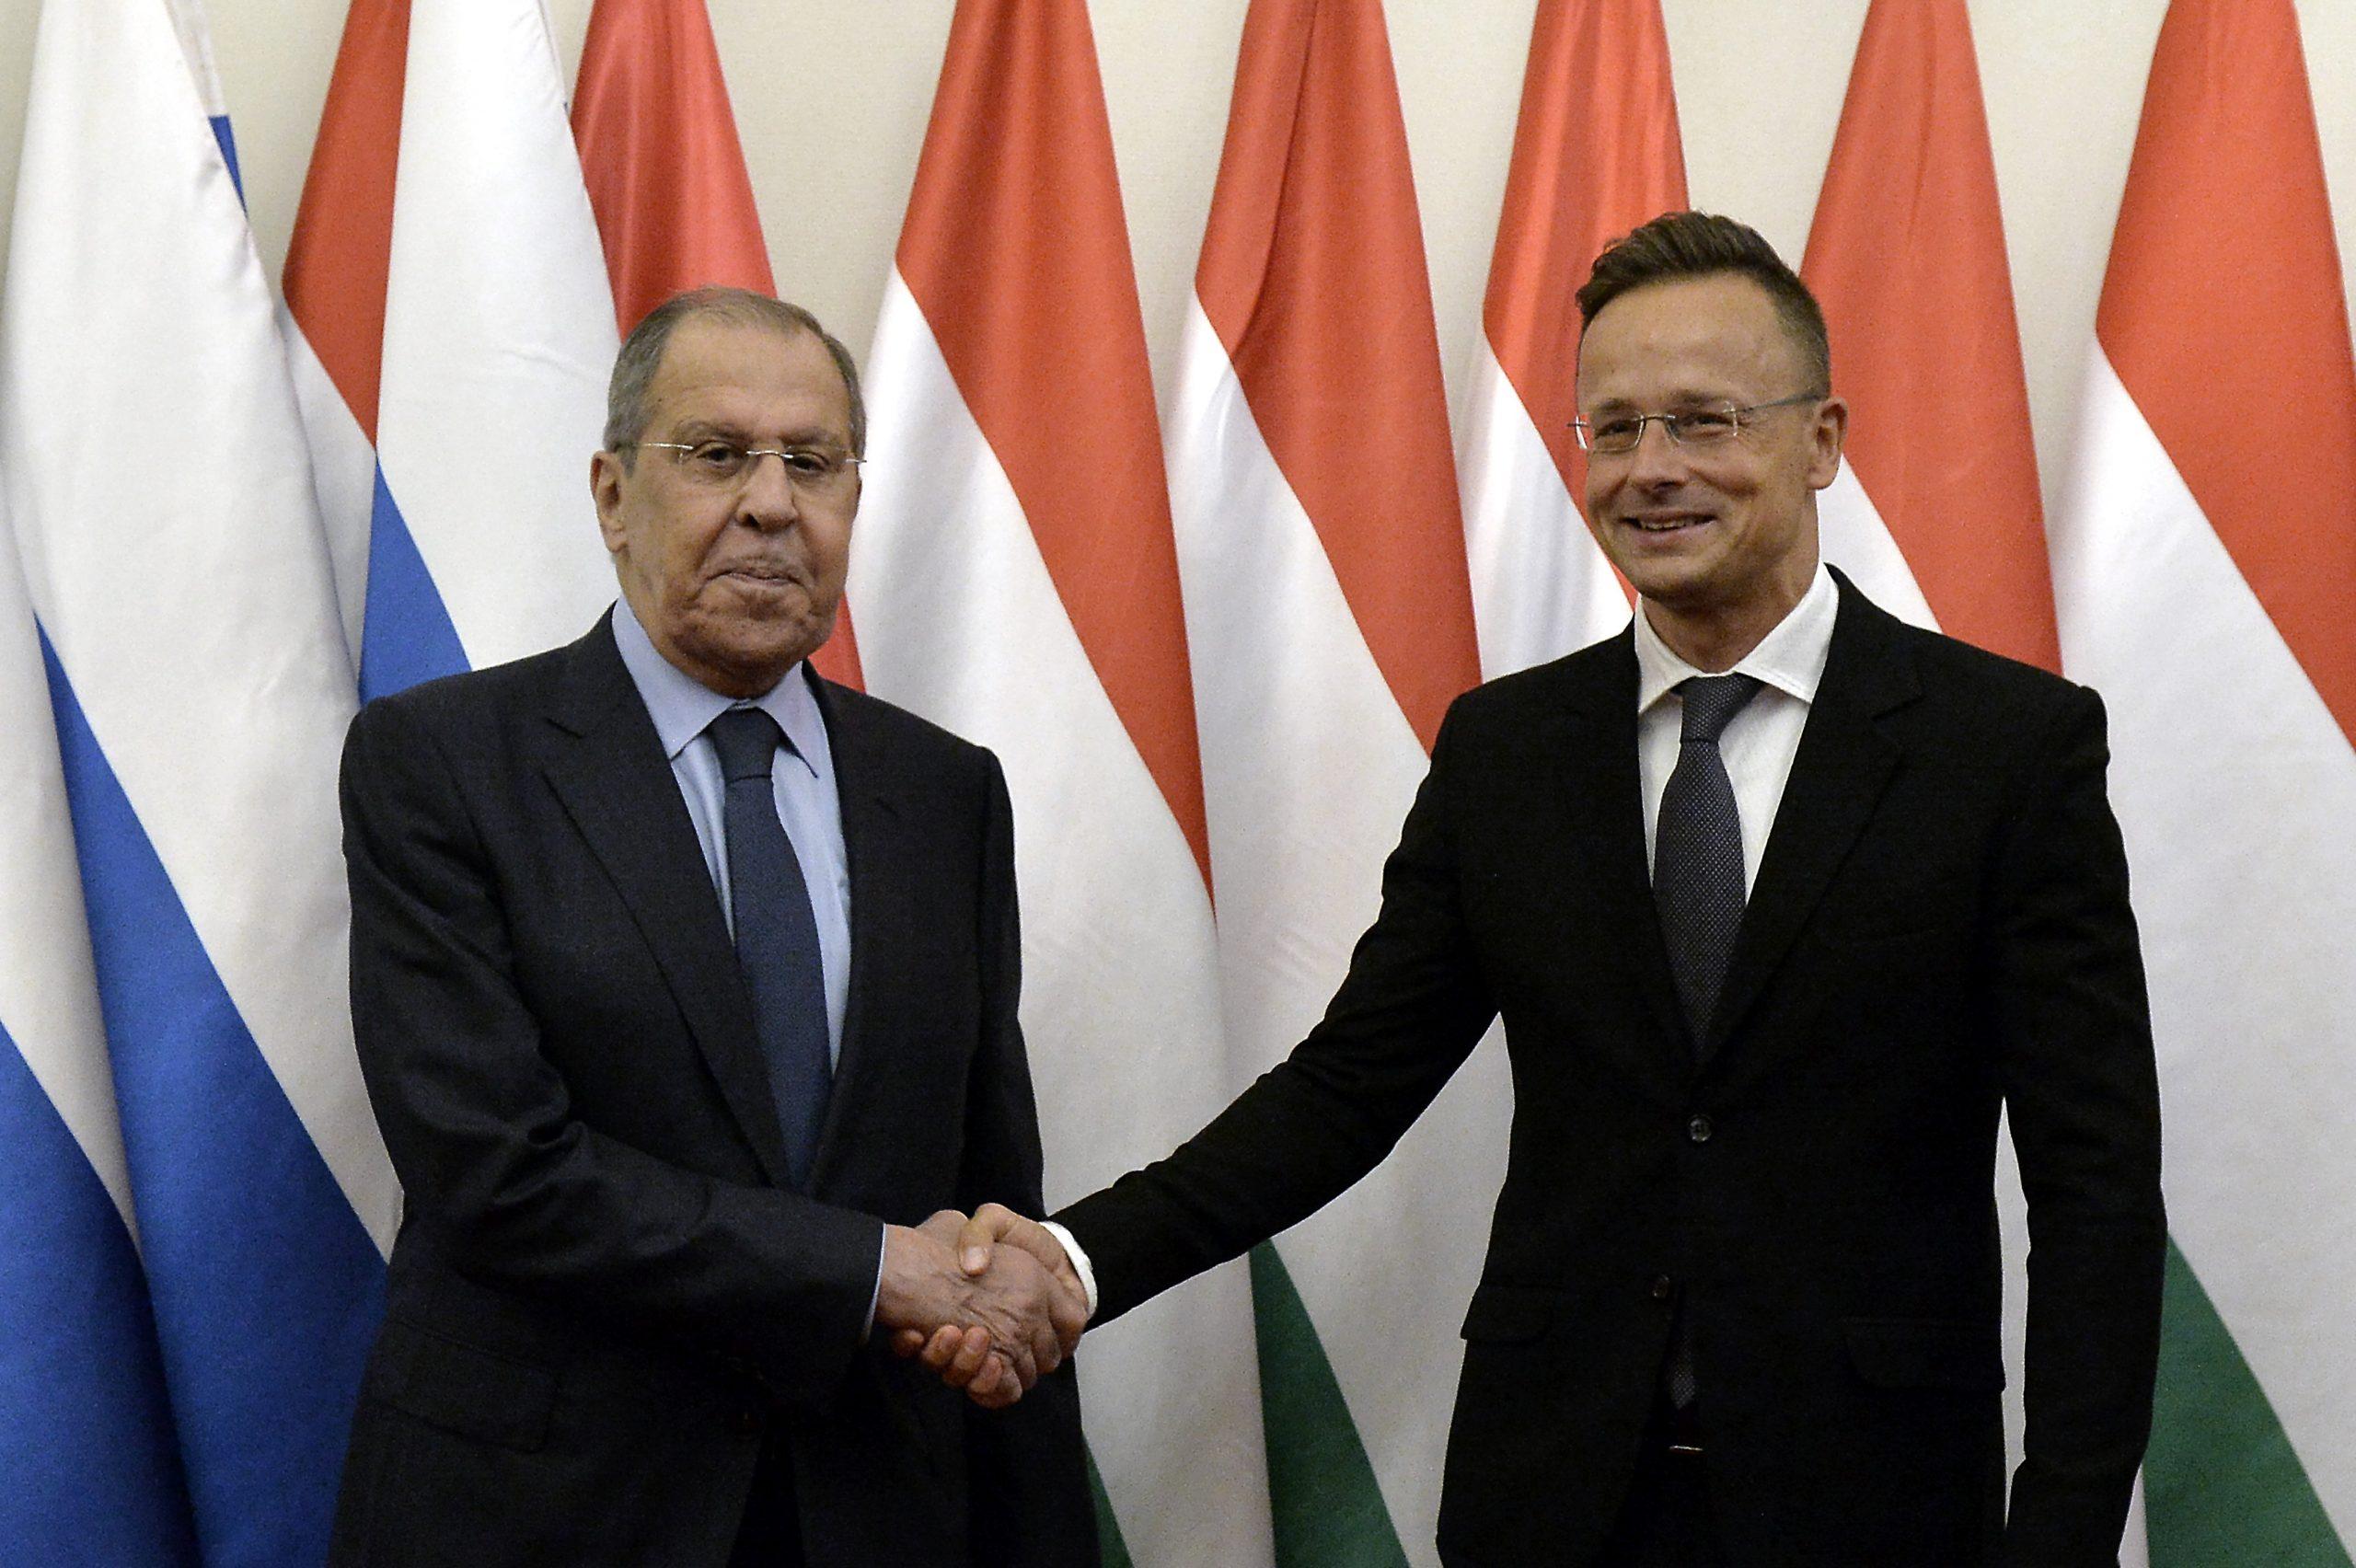 FM Szijjártó: Hungary